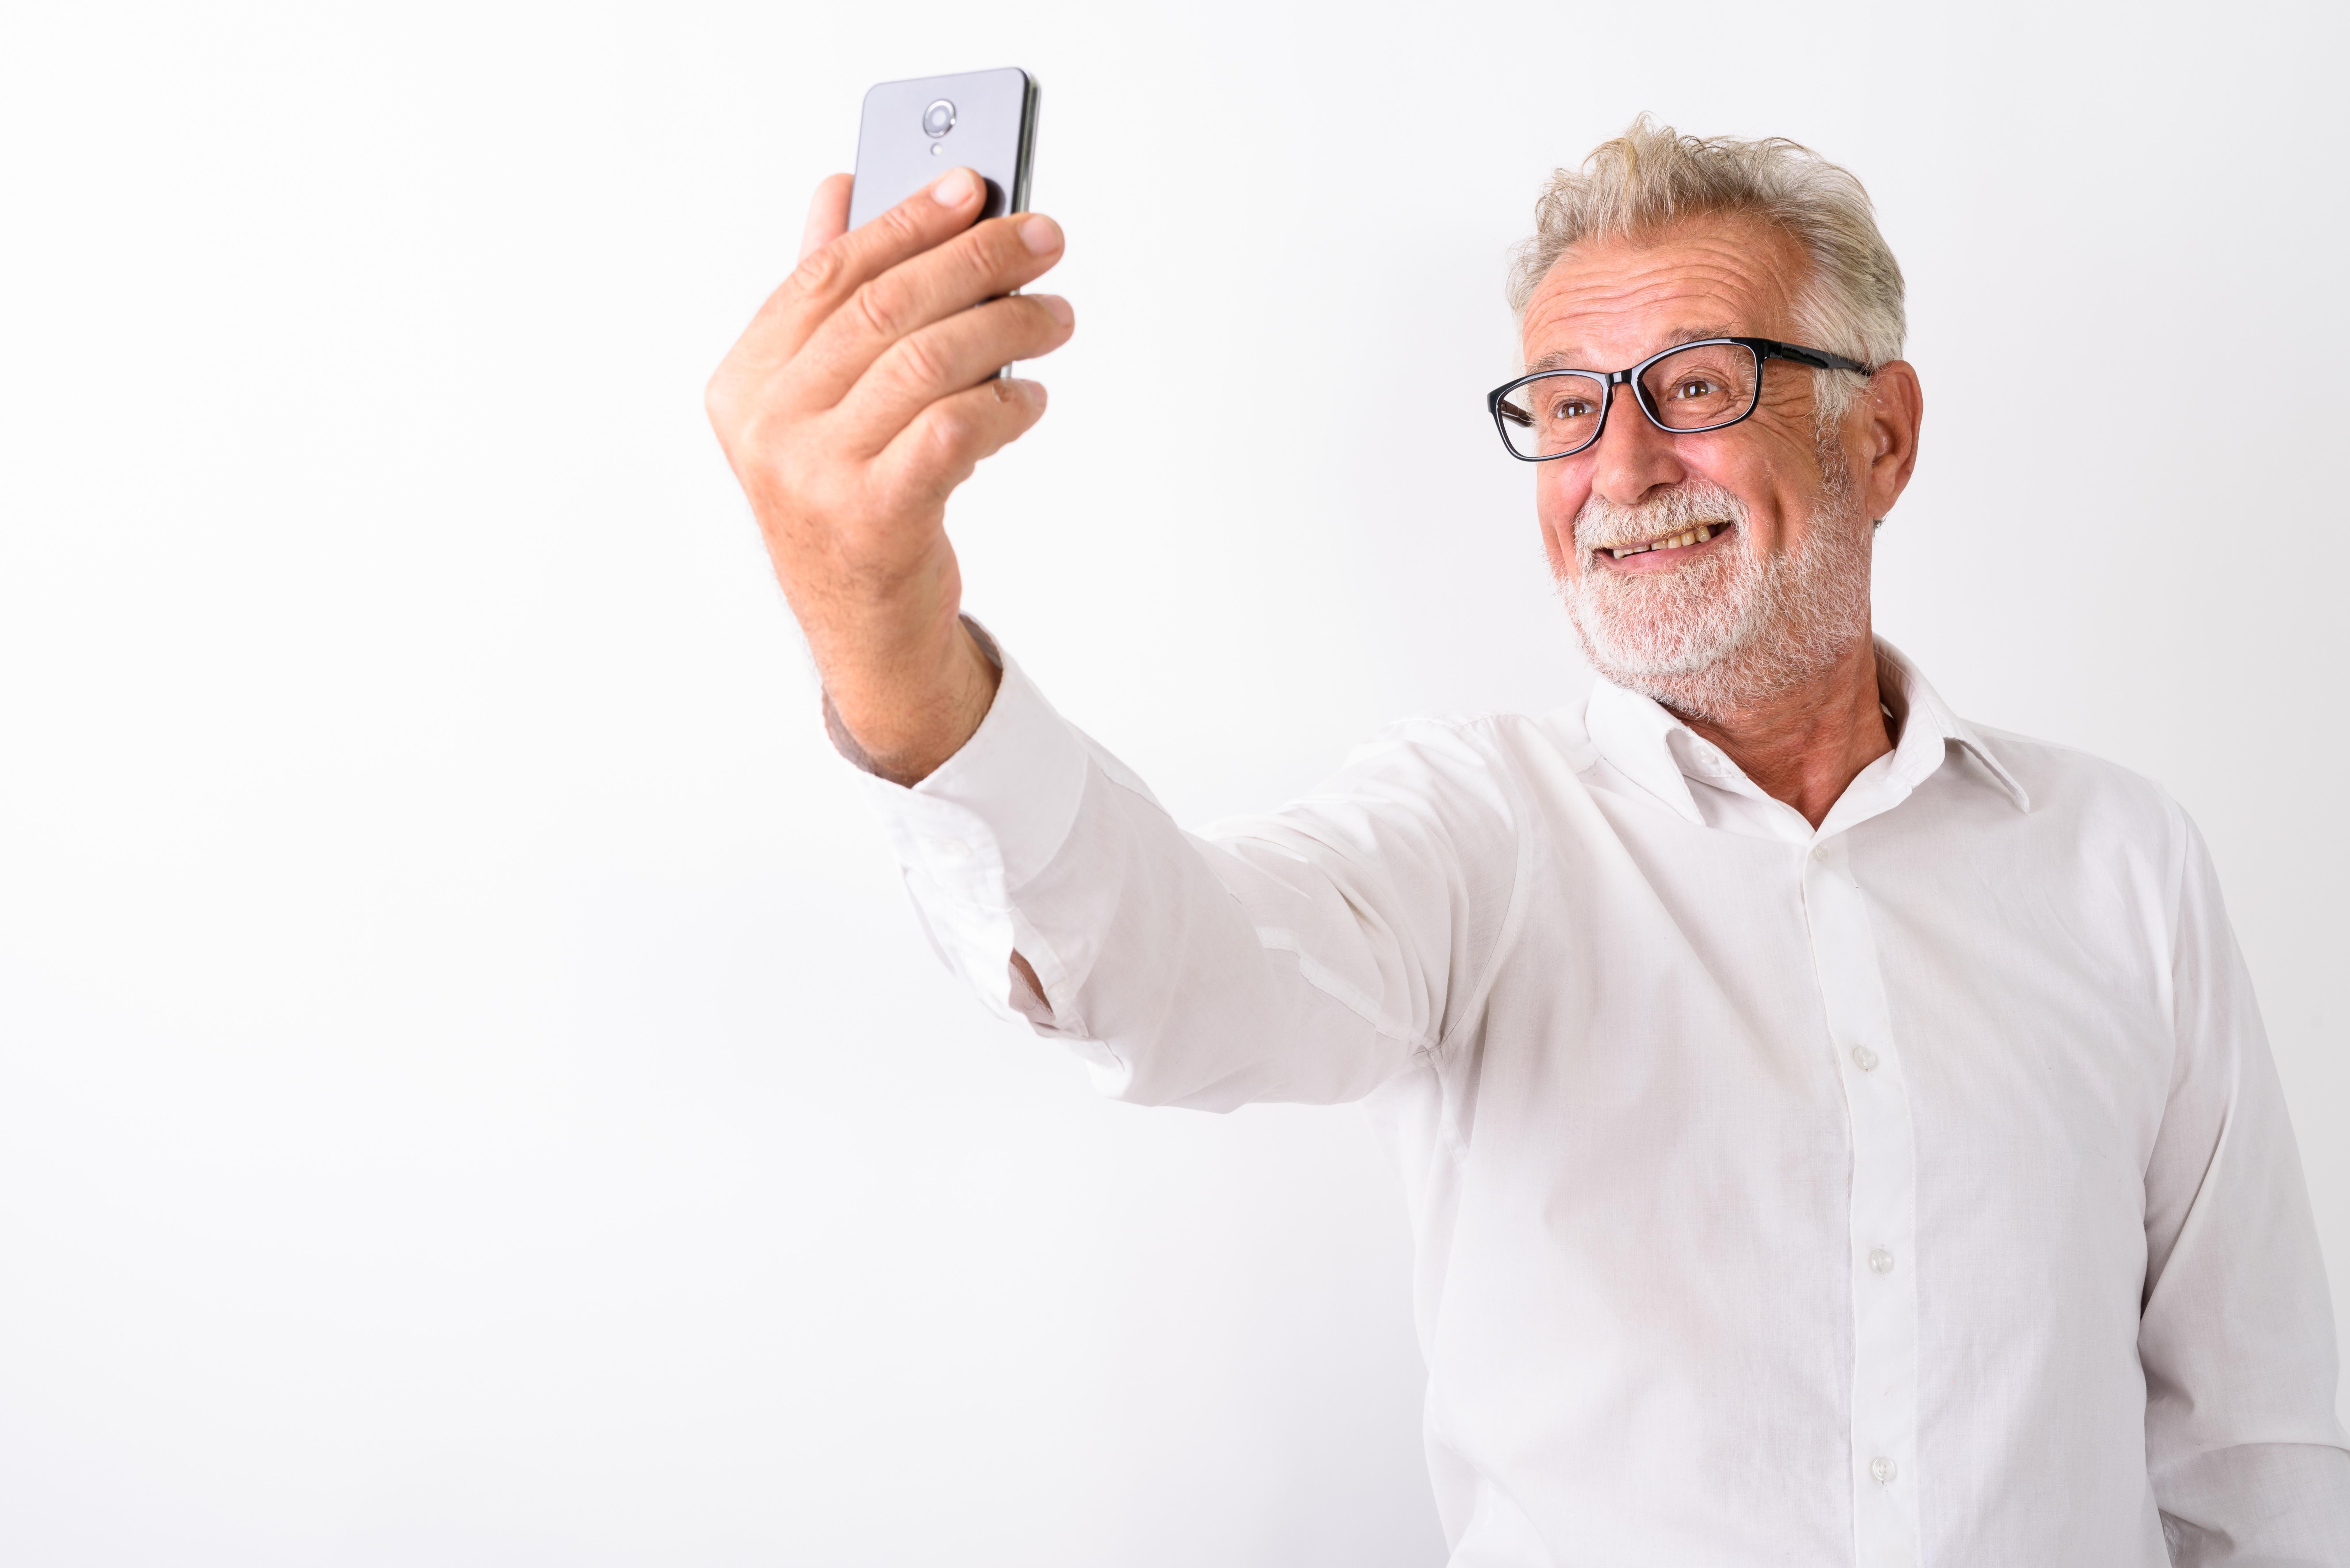 L'intelligence artificielle pour analyser les photos du visage à partir de simples selfies pourrait permettre au médecin de détecter, à distance, chez leurs patients, un risque élevé de maladie ocardiaque (Visuel Adobe Stock 229083381)